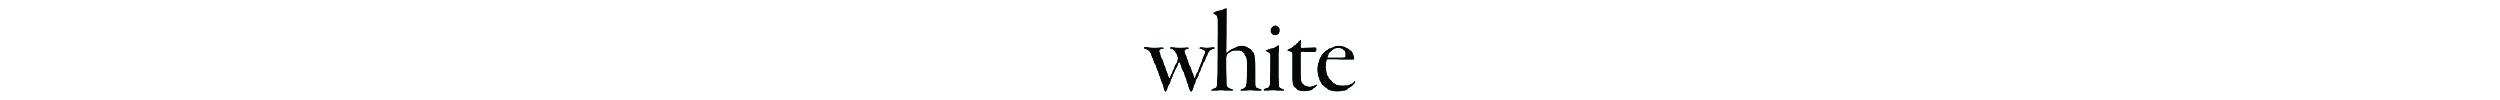 566_B&A - Homepage Advocates - Logos_2-5.jpg